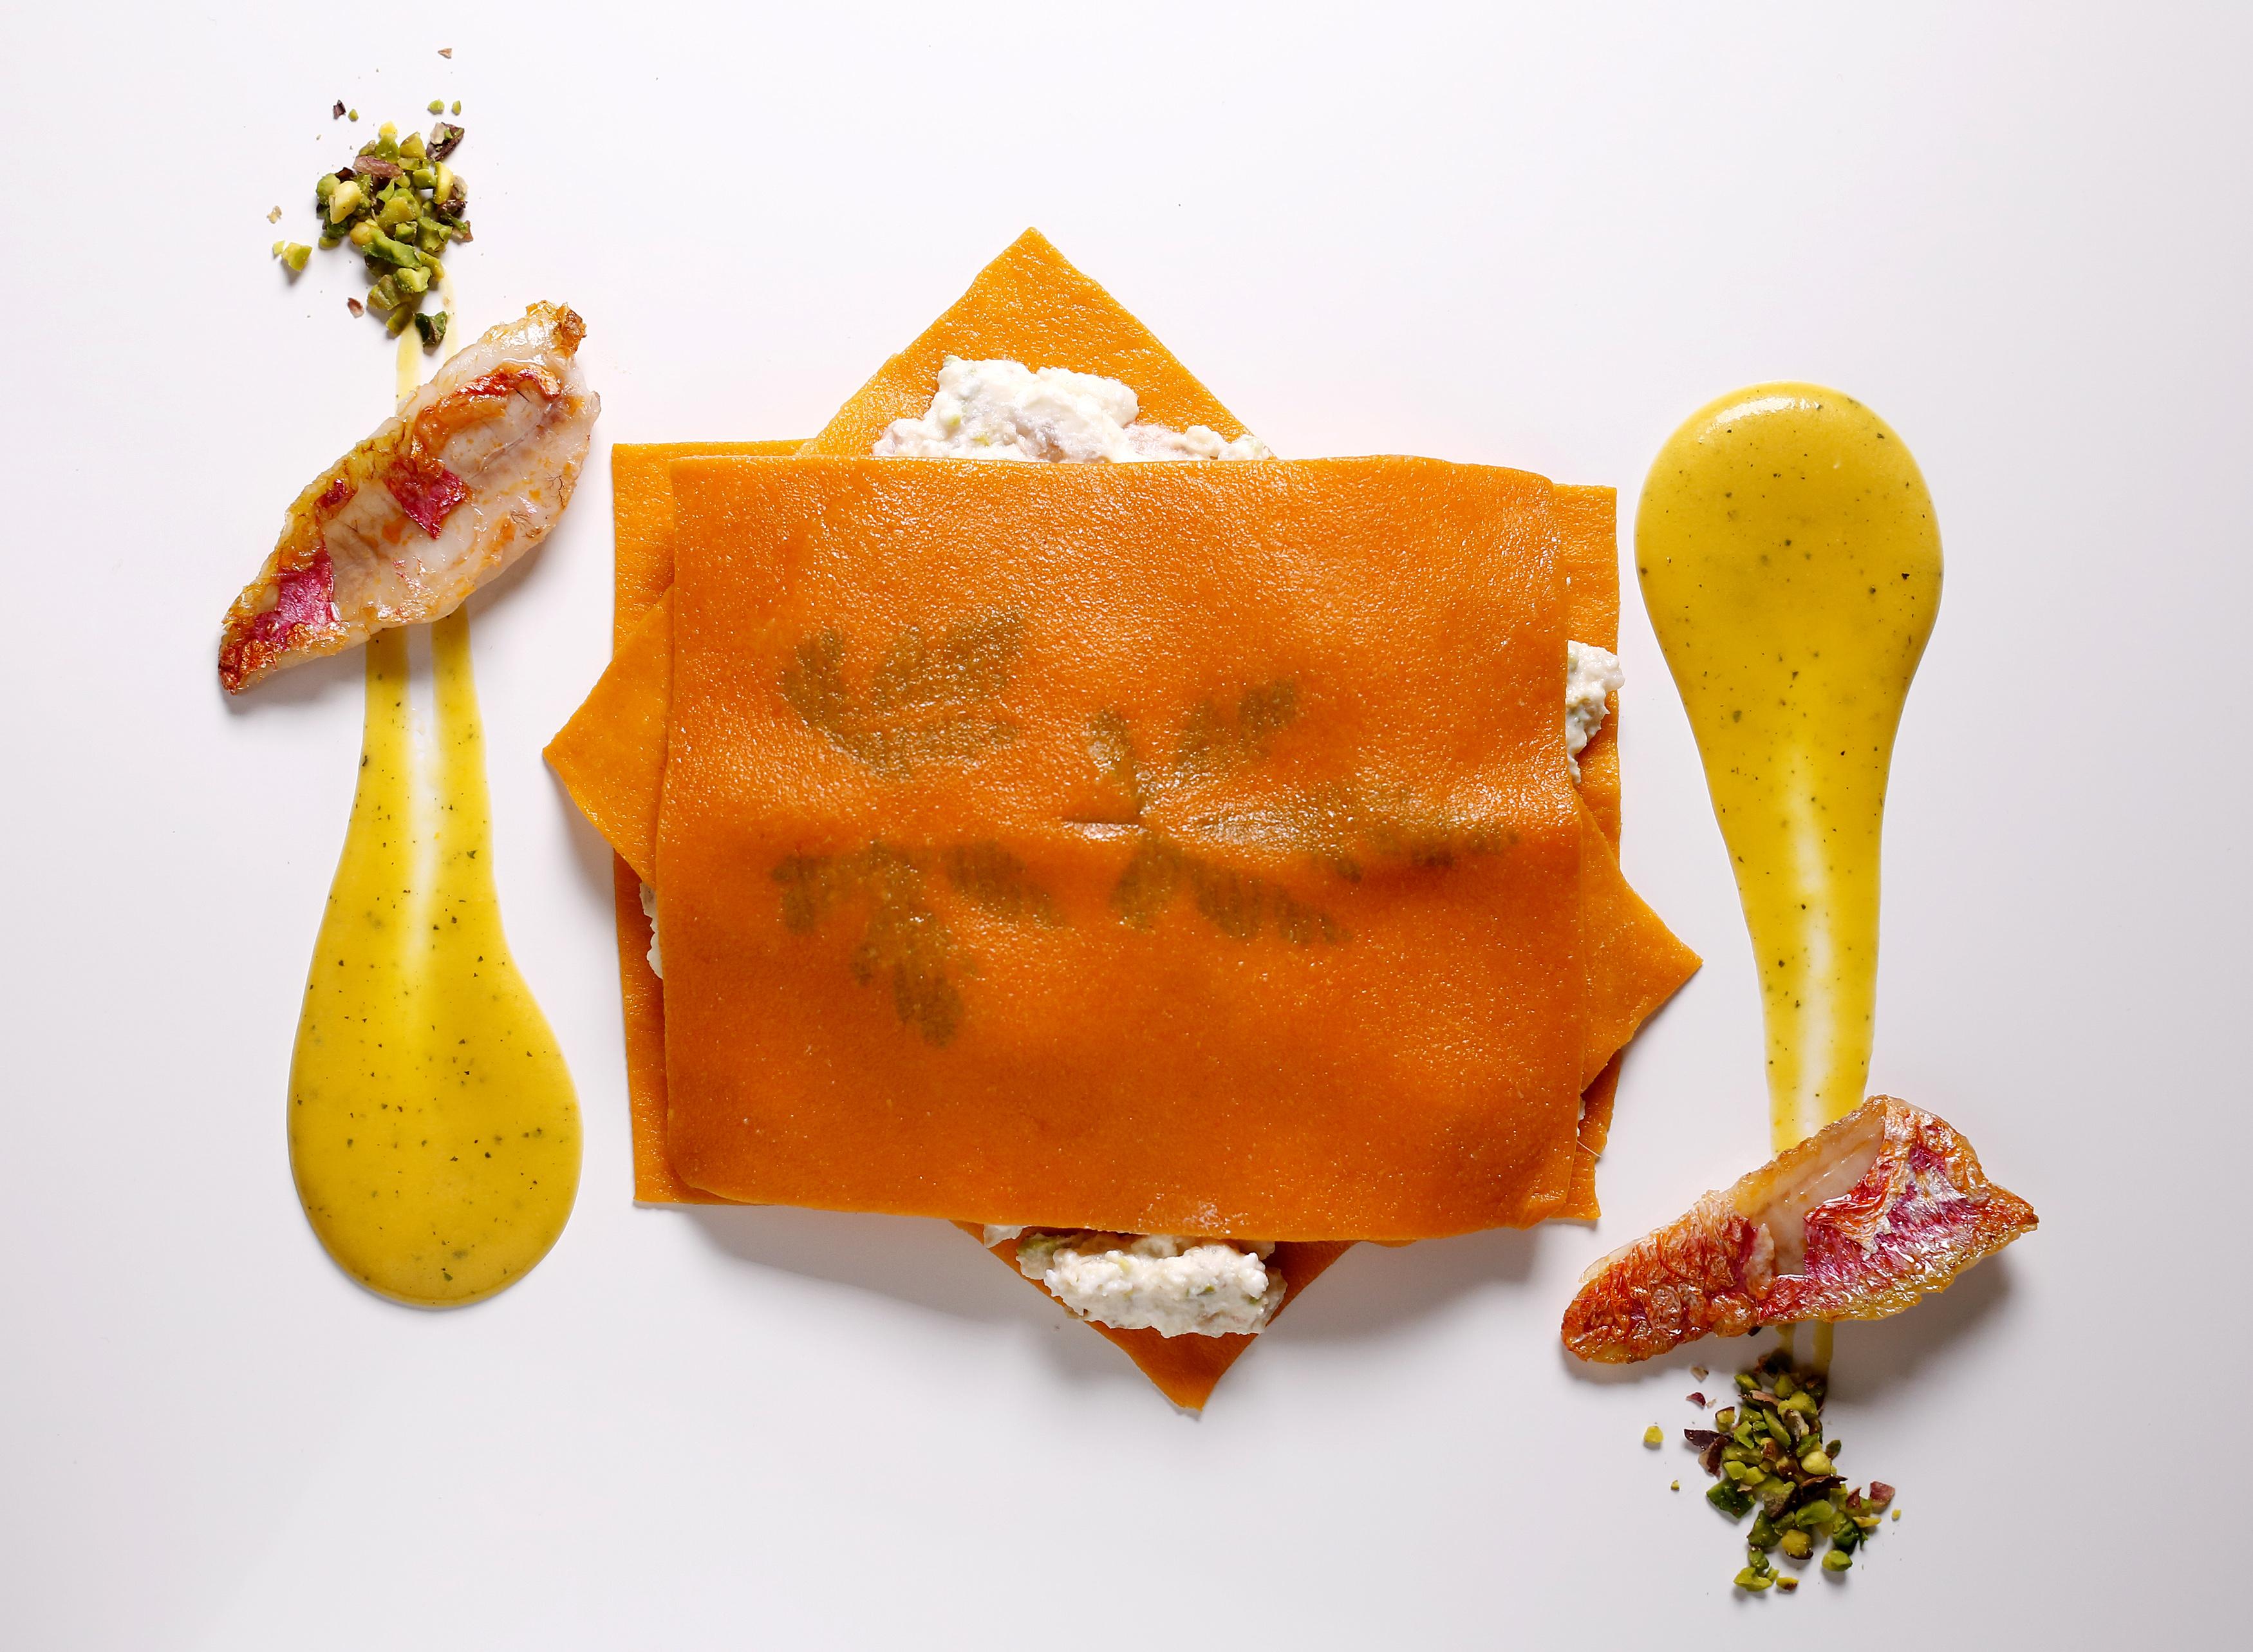 Lasagnetta rossa aperta, ragù di triglia, ricotta e datterini gialli, sugo ai datterini gialli confit e pistacchio tostato